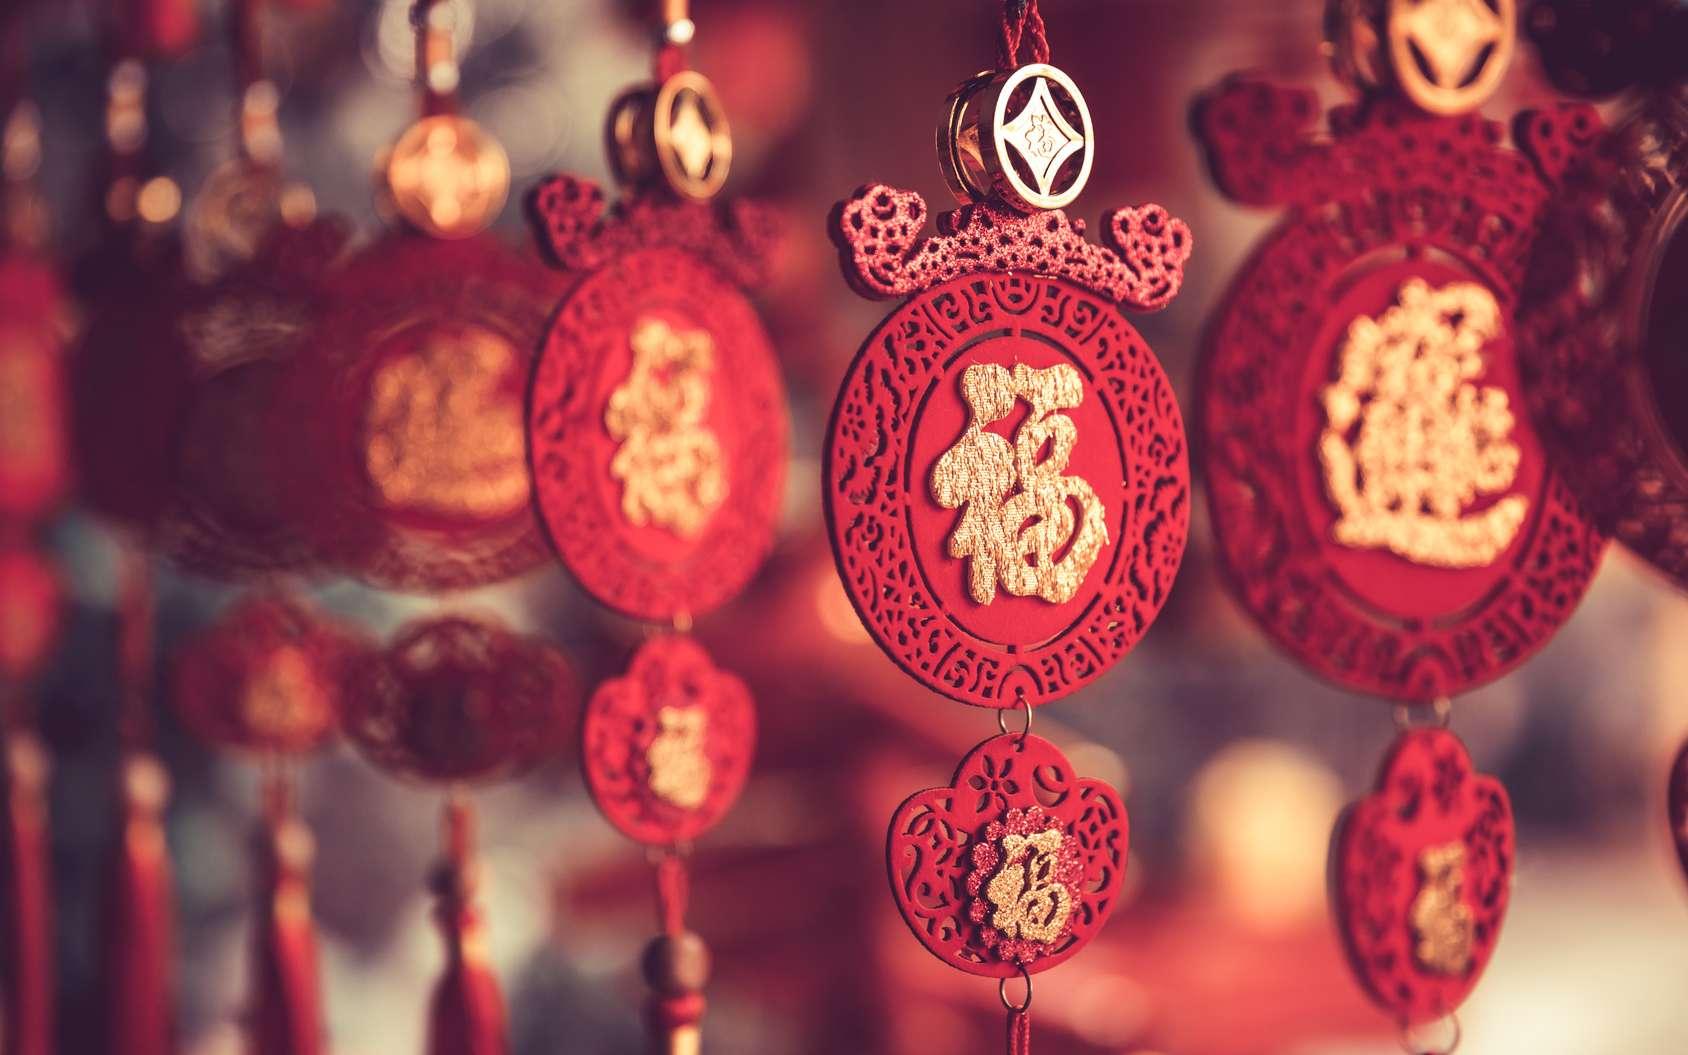 À l'occasion de la fête du Nouvel An chinois, l'on fait danser des dragons dans les rues. © Beboy, Fotolia